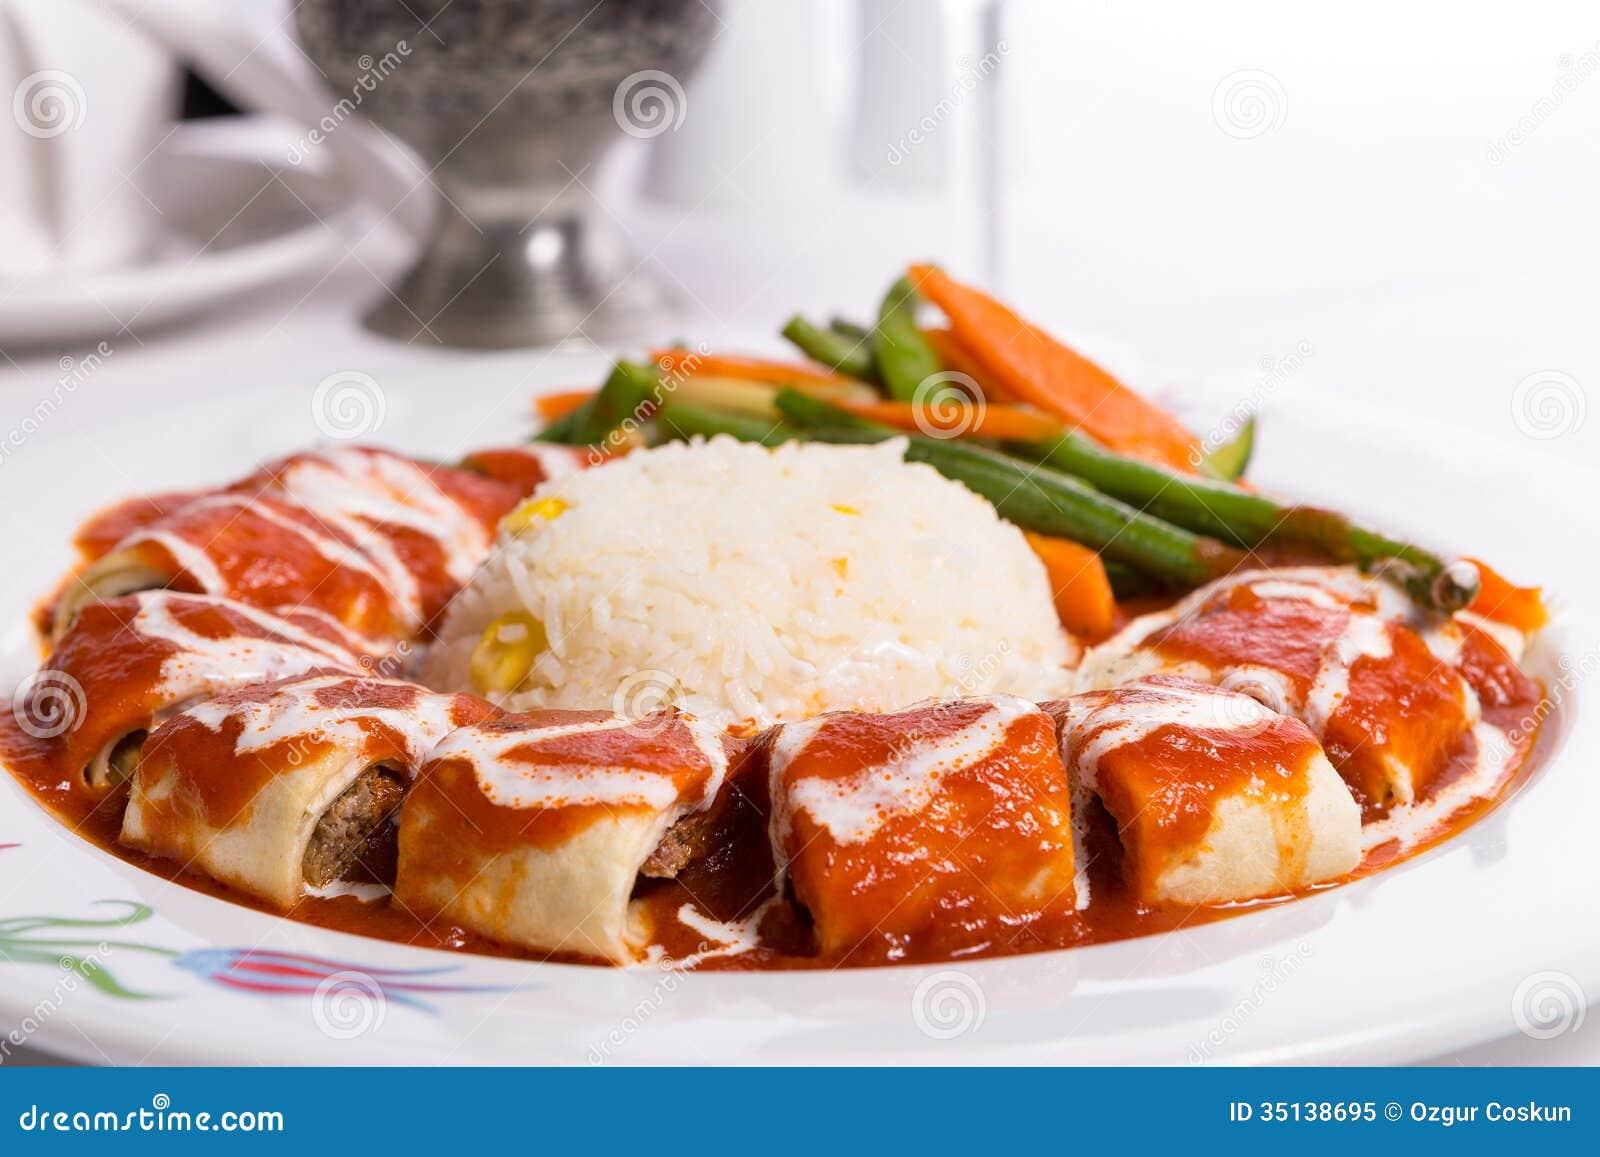 türkische küche fleisch ~ Logisting.com = Elegante Interior Design ...